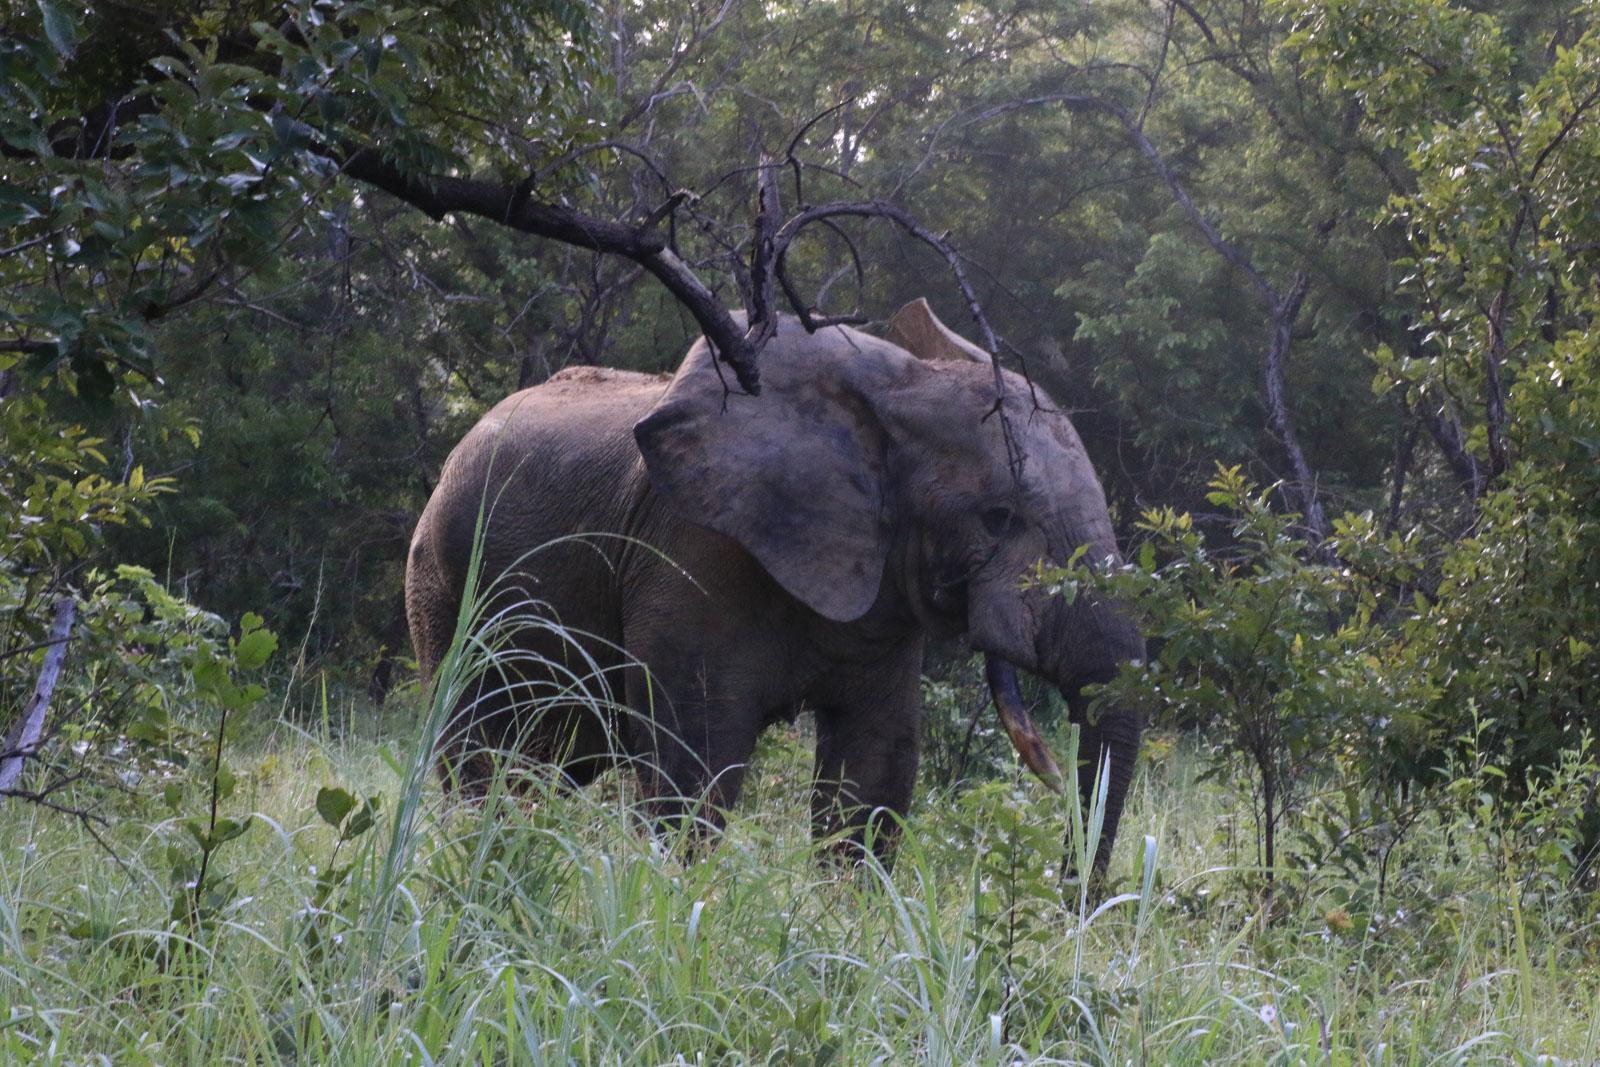 Hier hatte sich der Elefant versteckt.